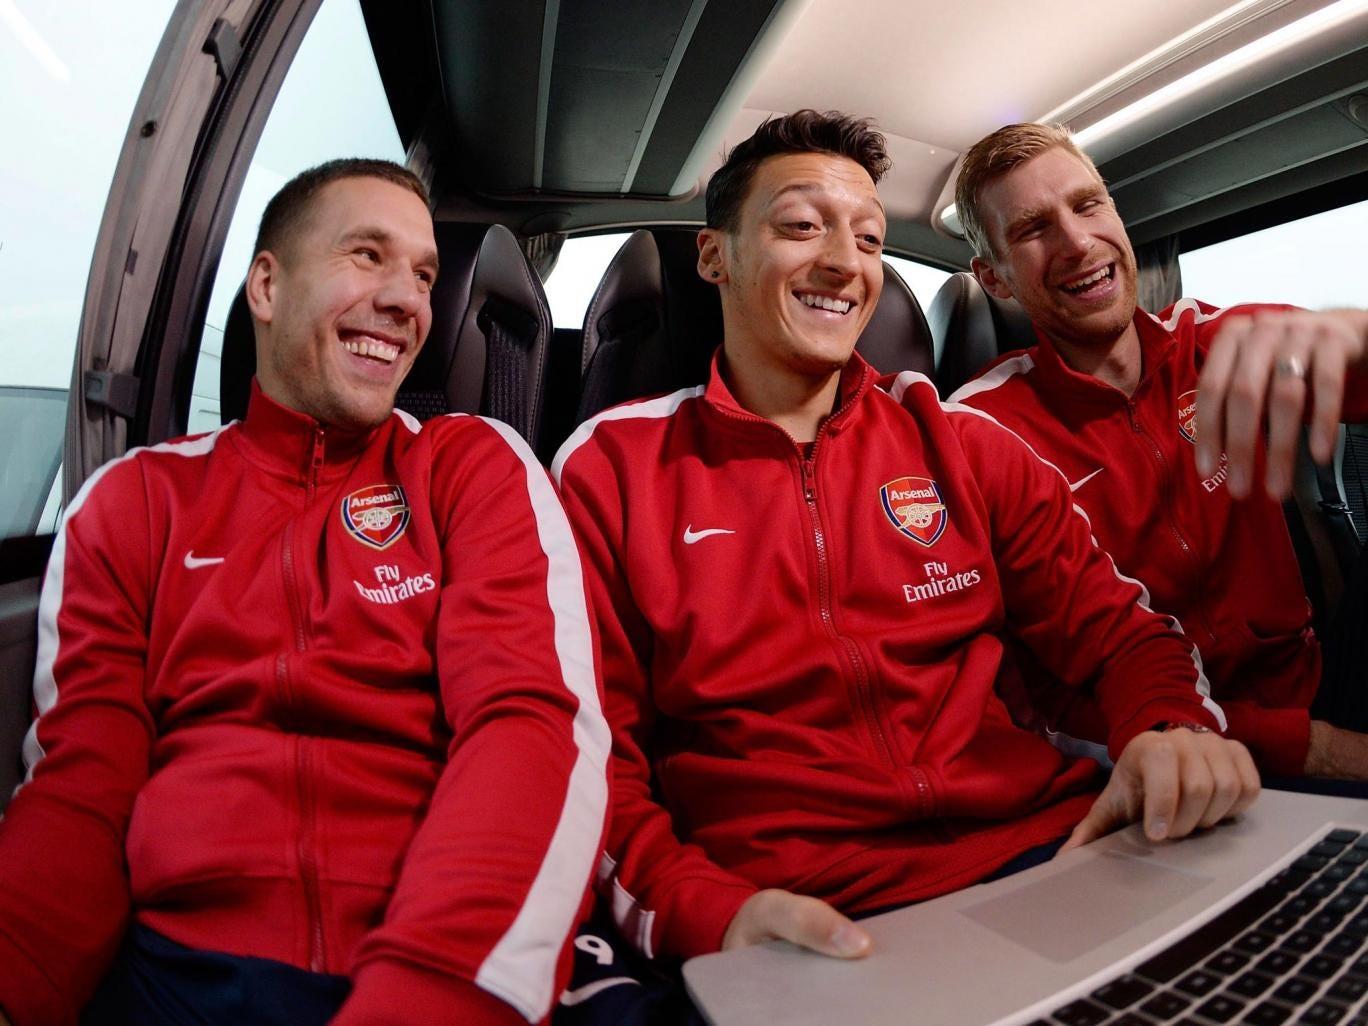 Left to right: Lukas Podolski, Mesut Özil and Per Mertesacker share a joke